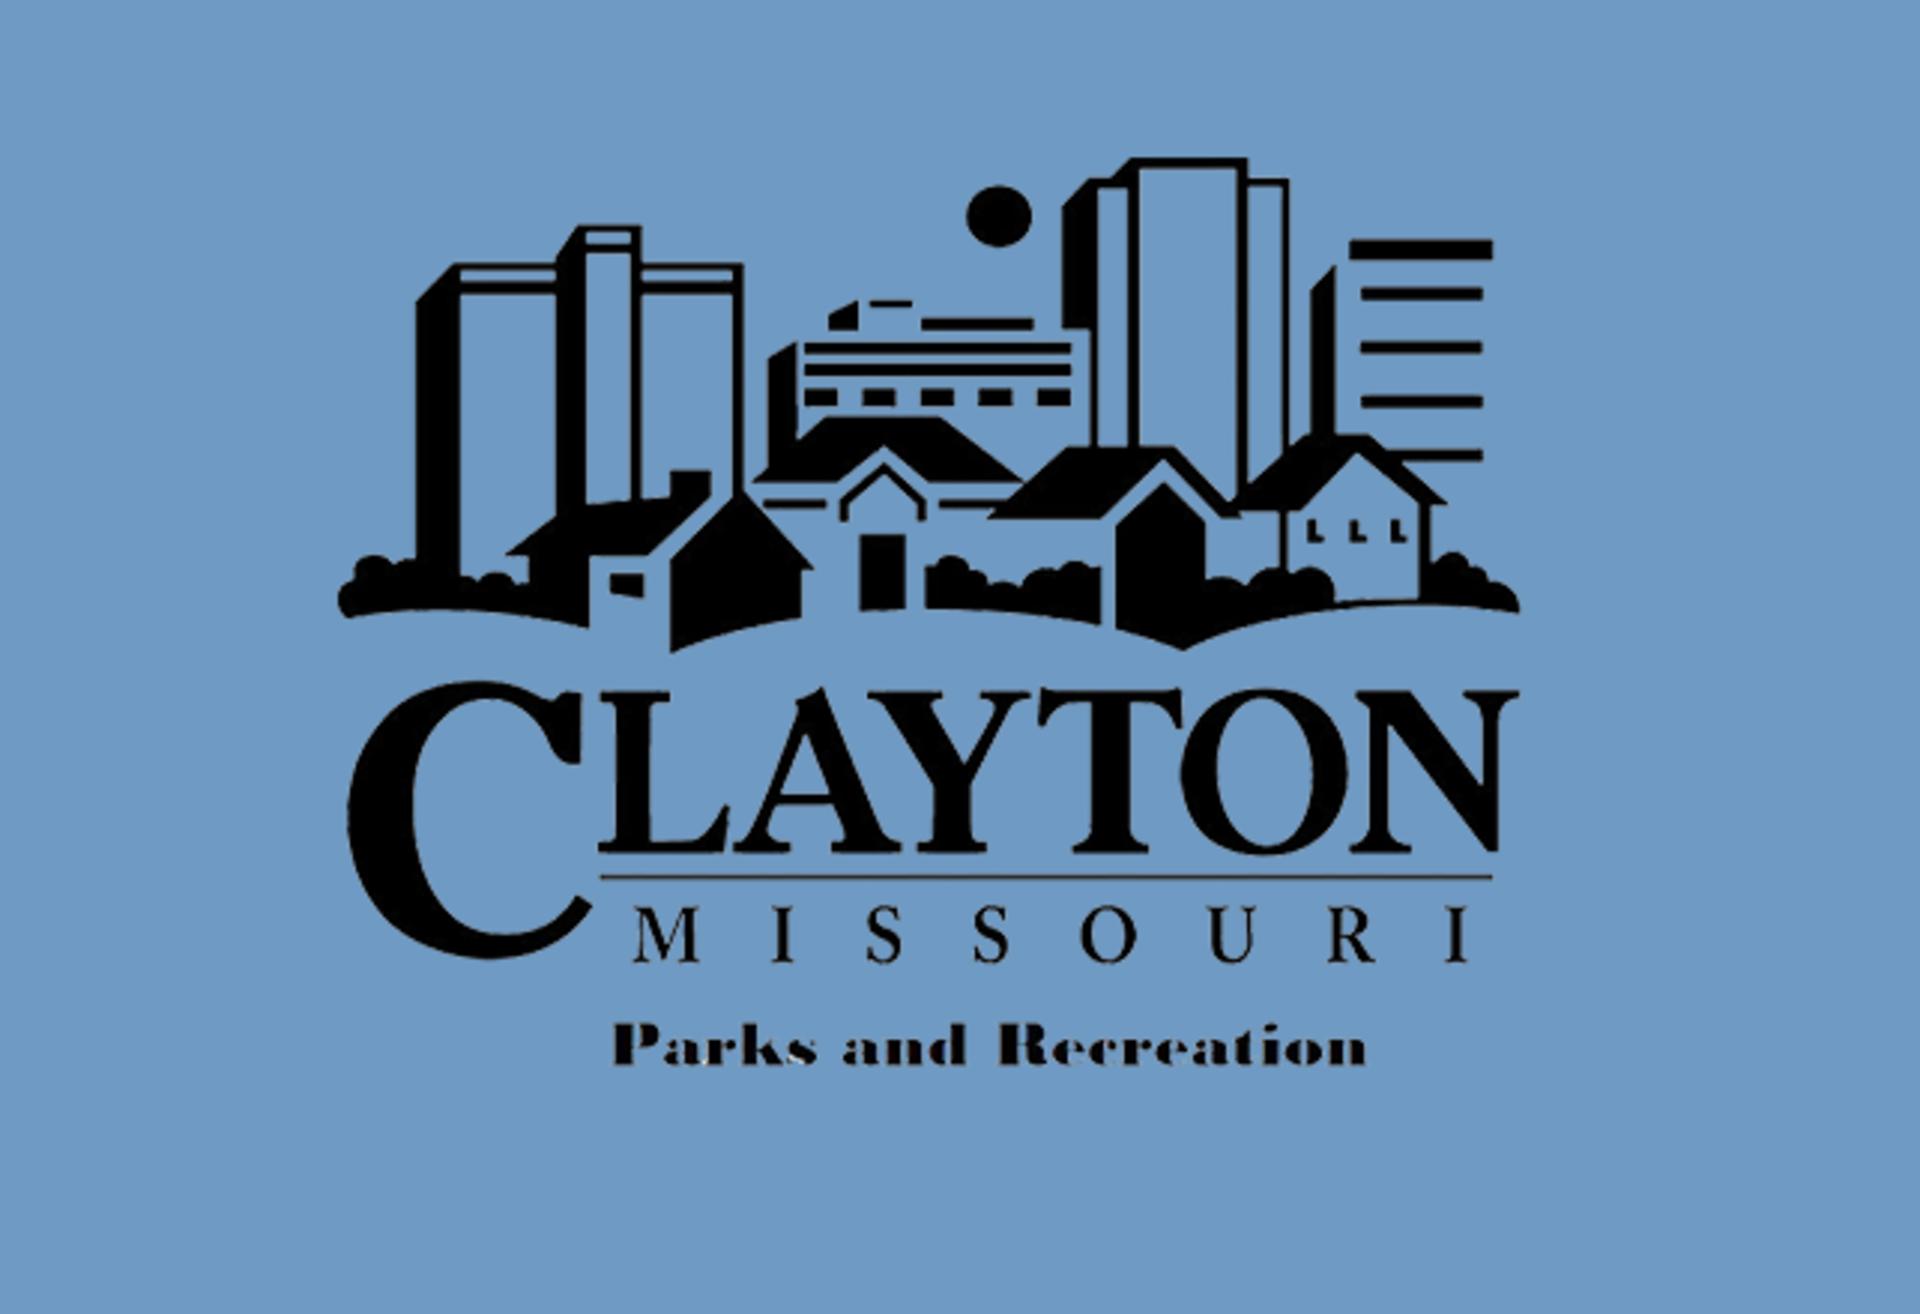 Clayton Realtors